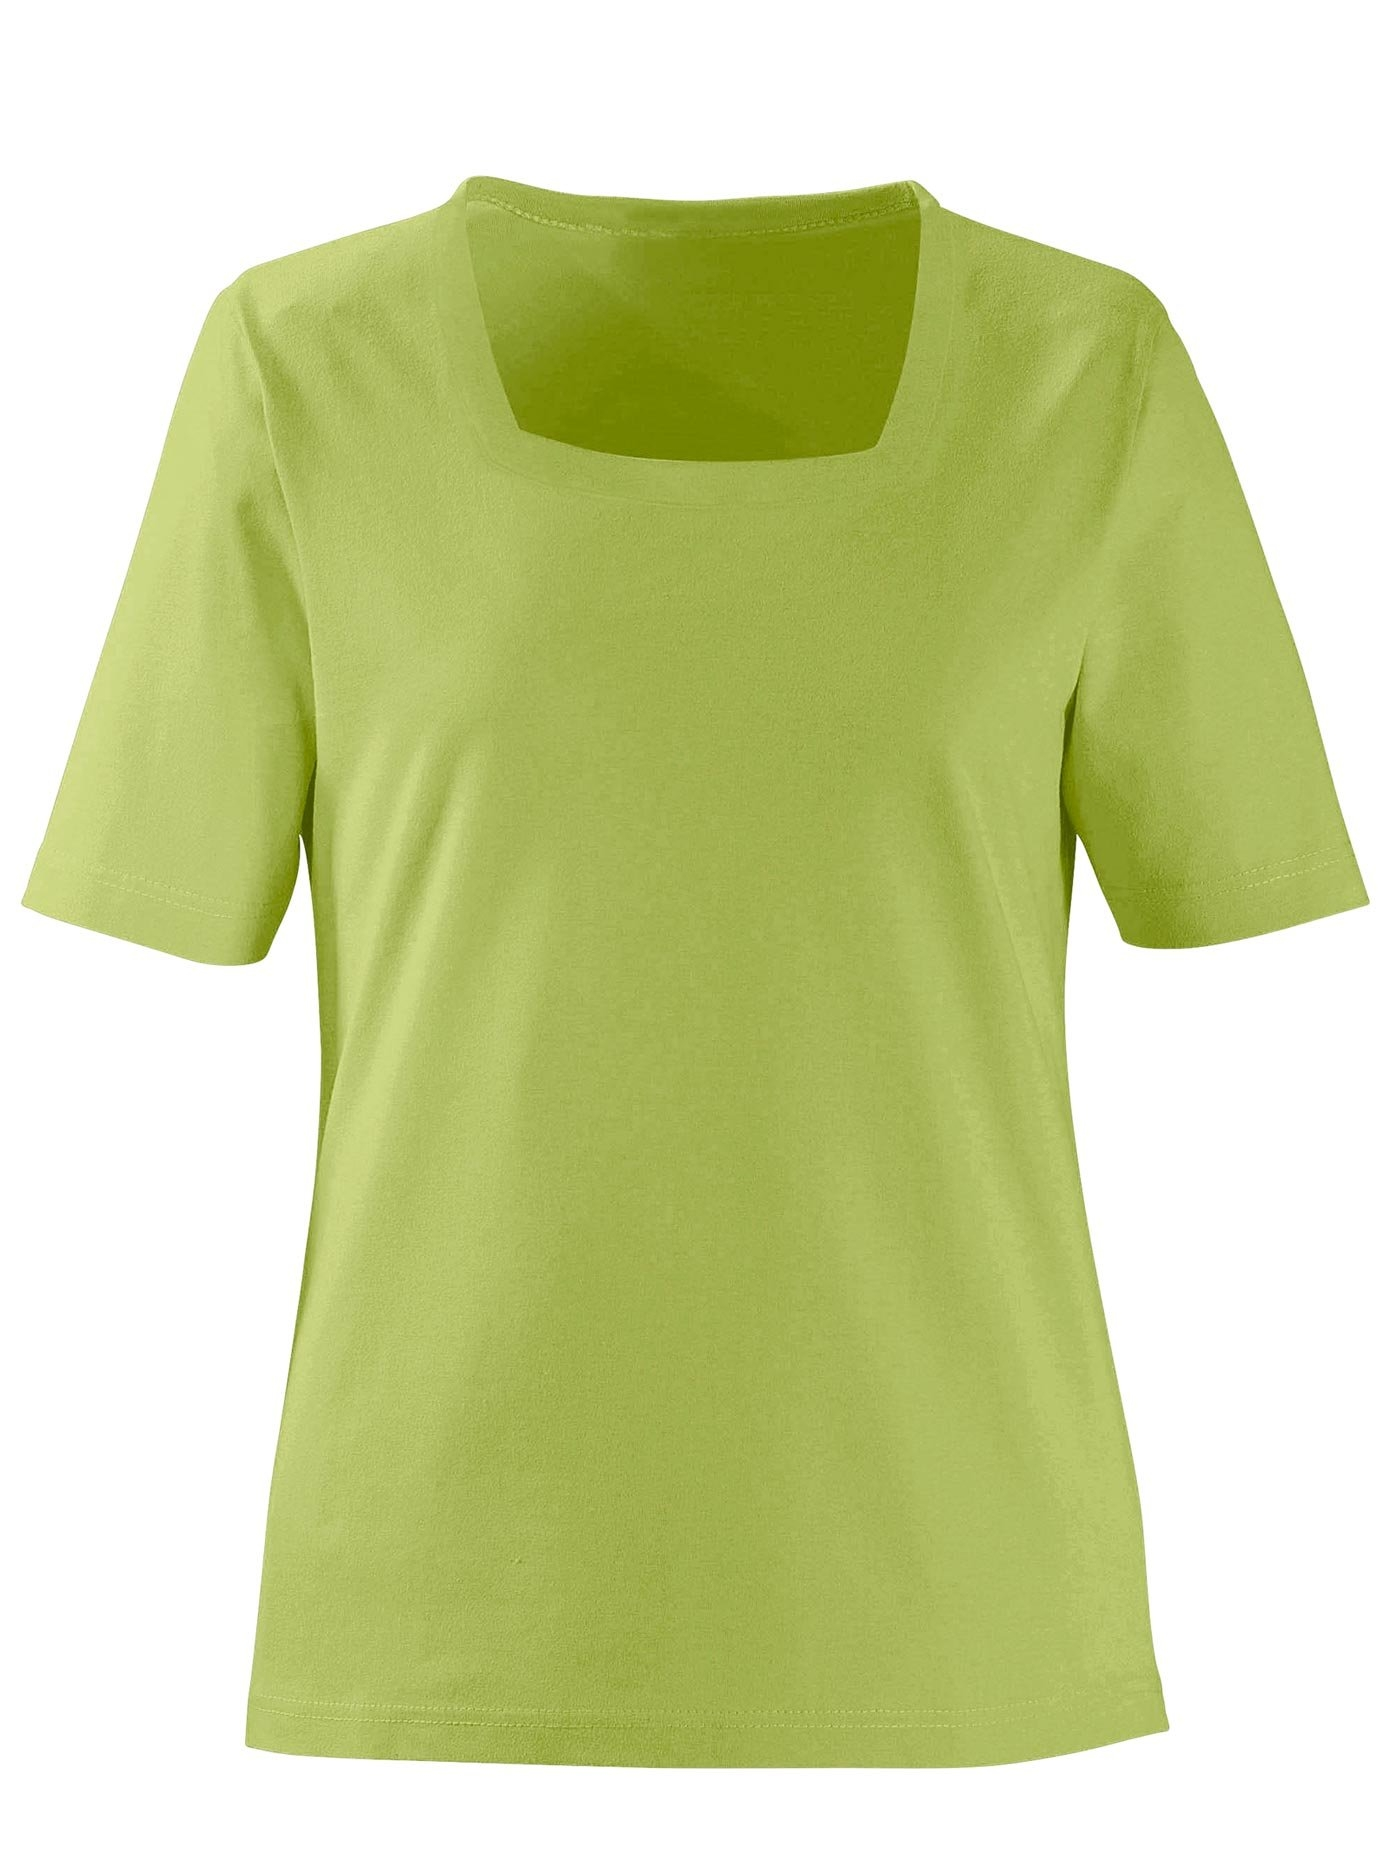 Casual Looks Shirt met korte mouwen online kopen op otto.nl